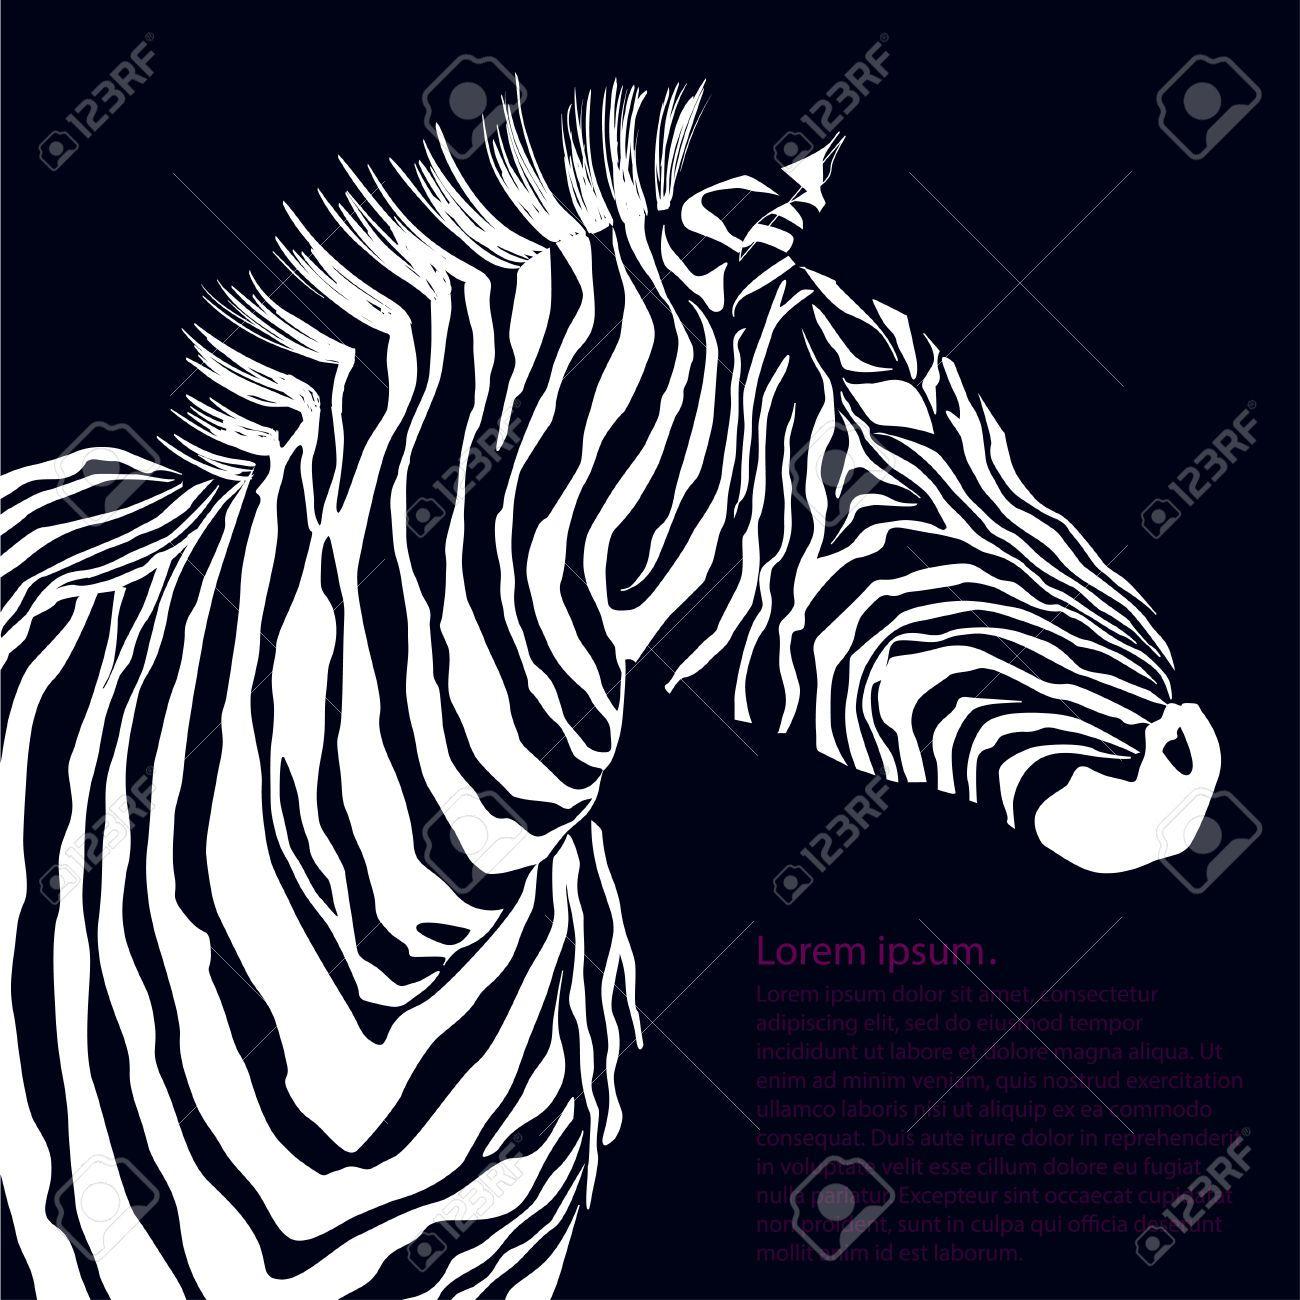 Animal Blanco Cebra Ilustración Silueta. Ilustración Vectorial Ilustraciones Vectoriales, Clip Art Vectorizado Libre De Derechos. Image 40861746.